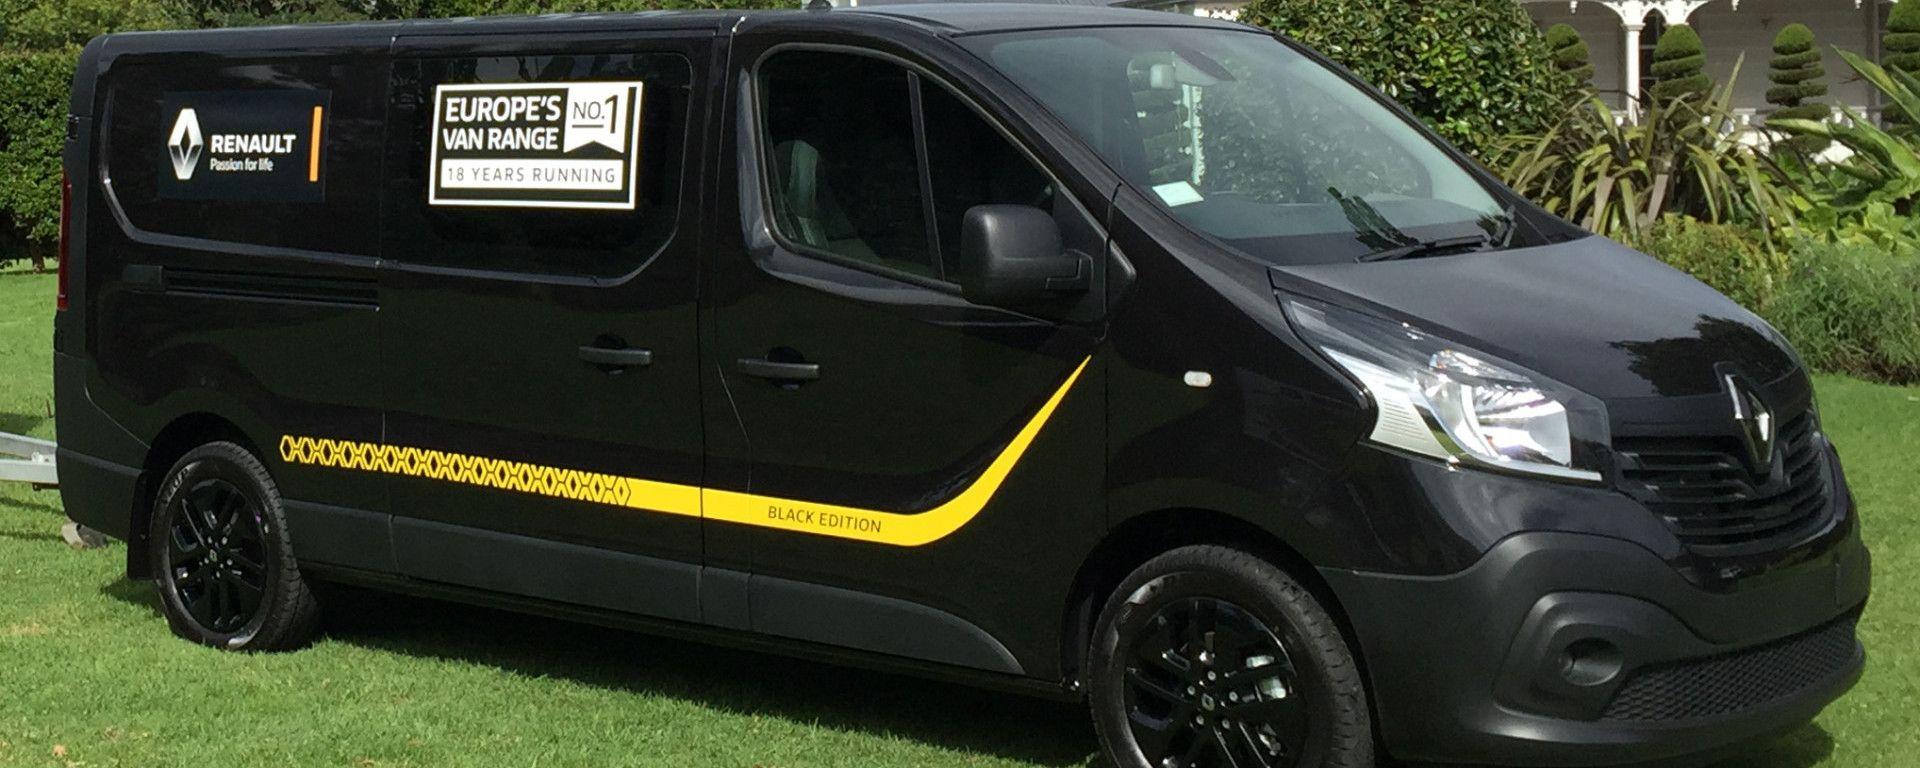 Renault Trafic Black Edition: il 3/4 anteriore